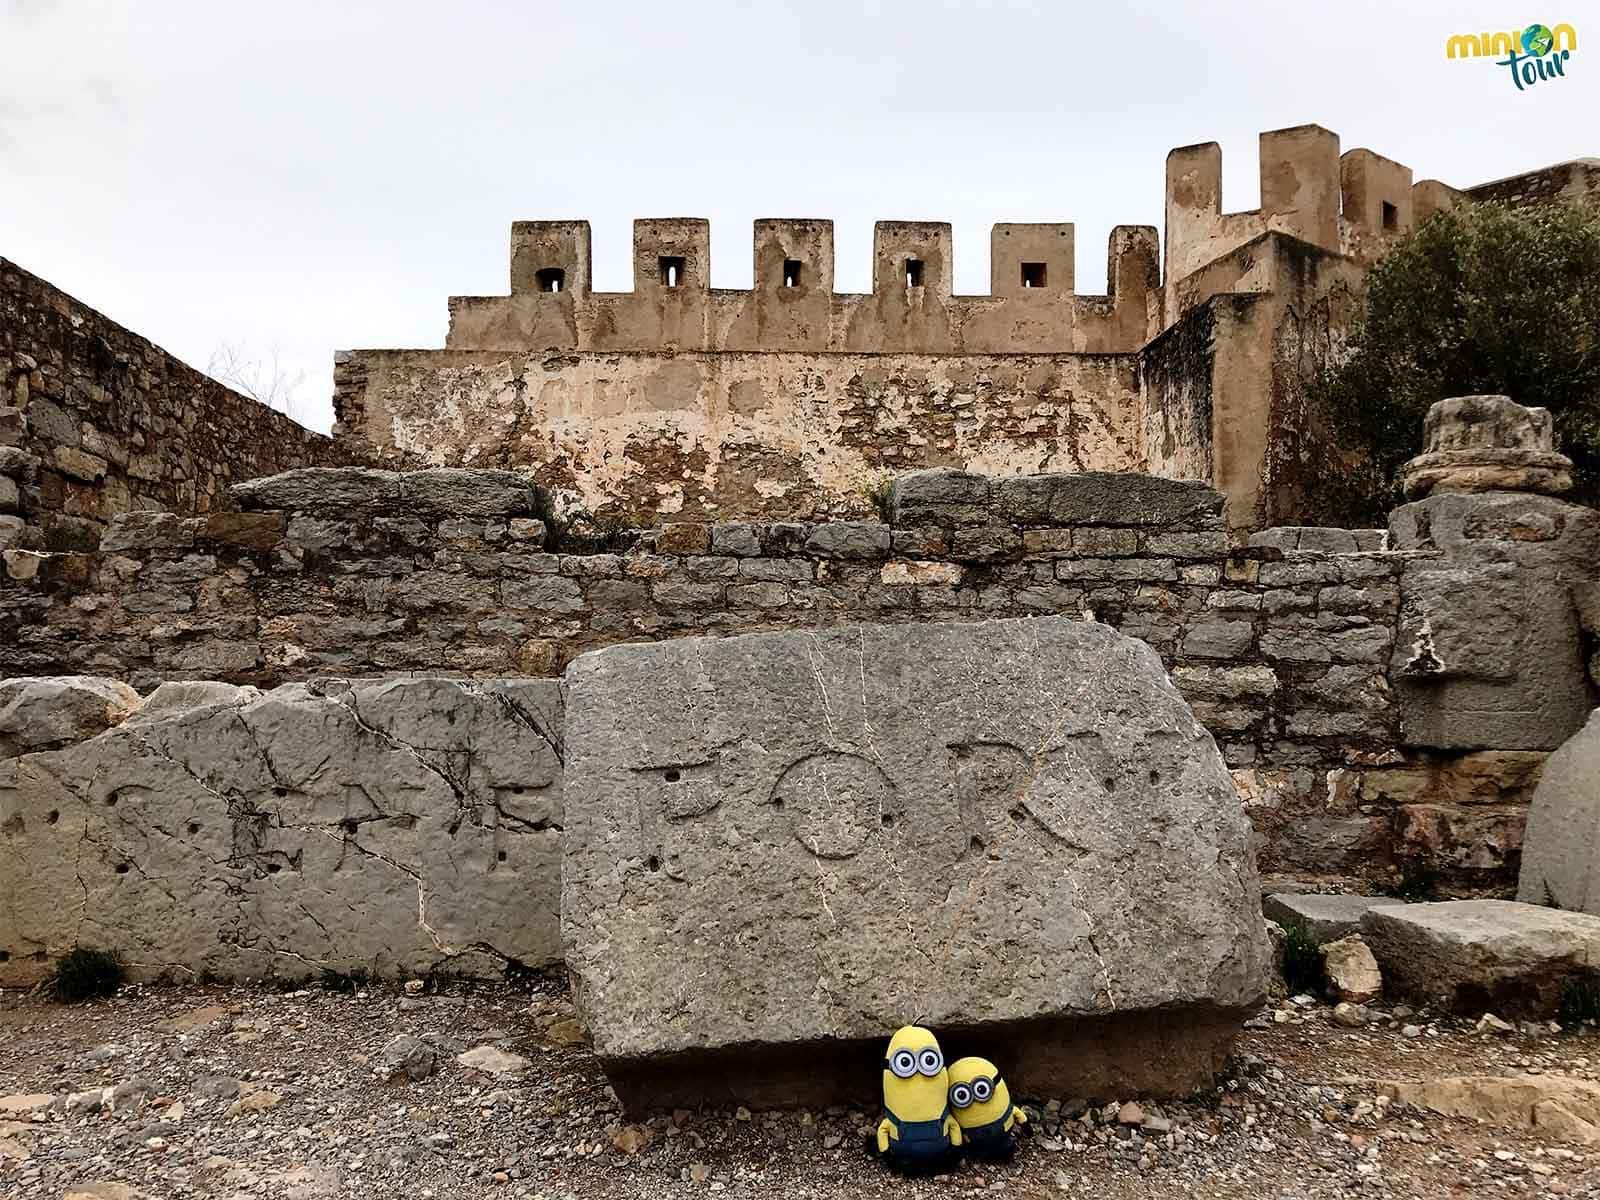 El foro romano de Sagunto